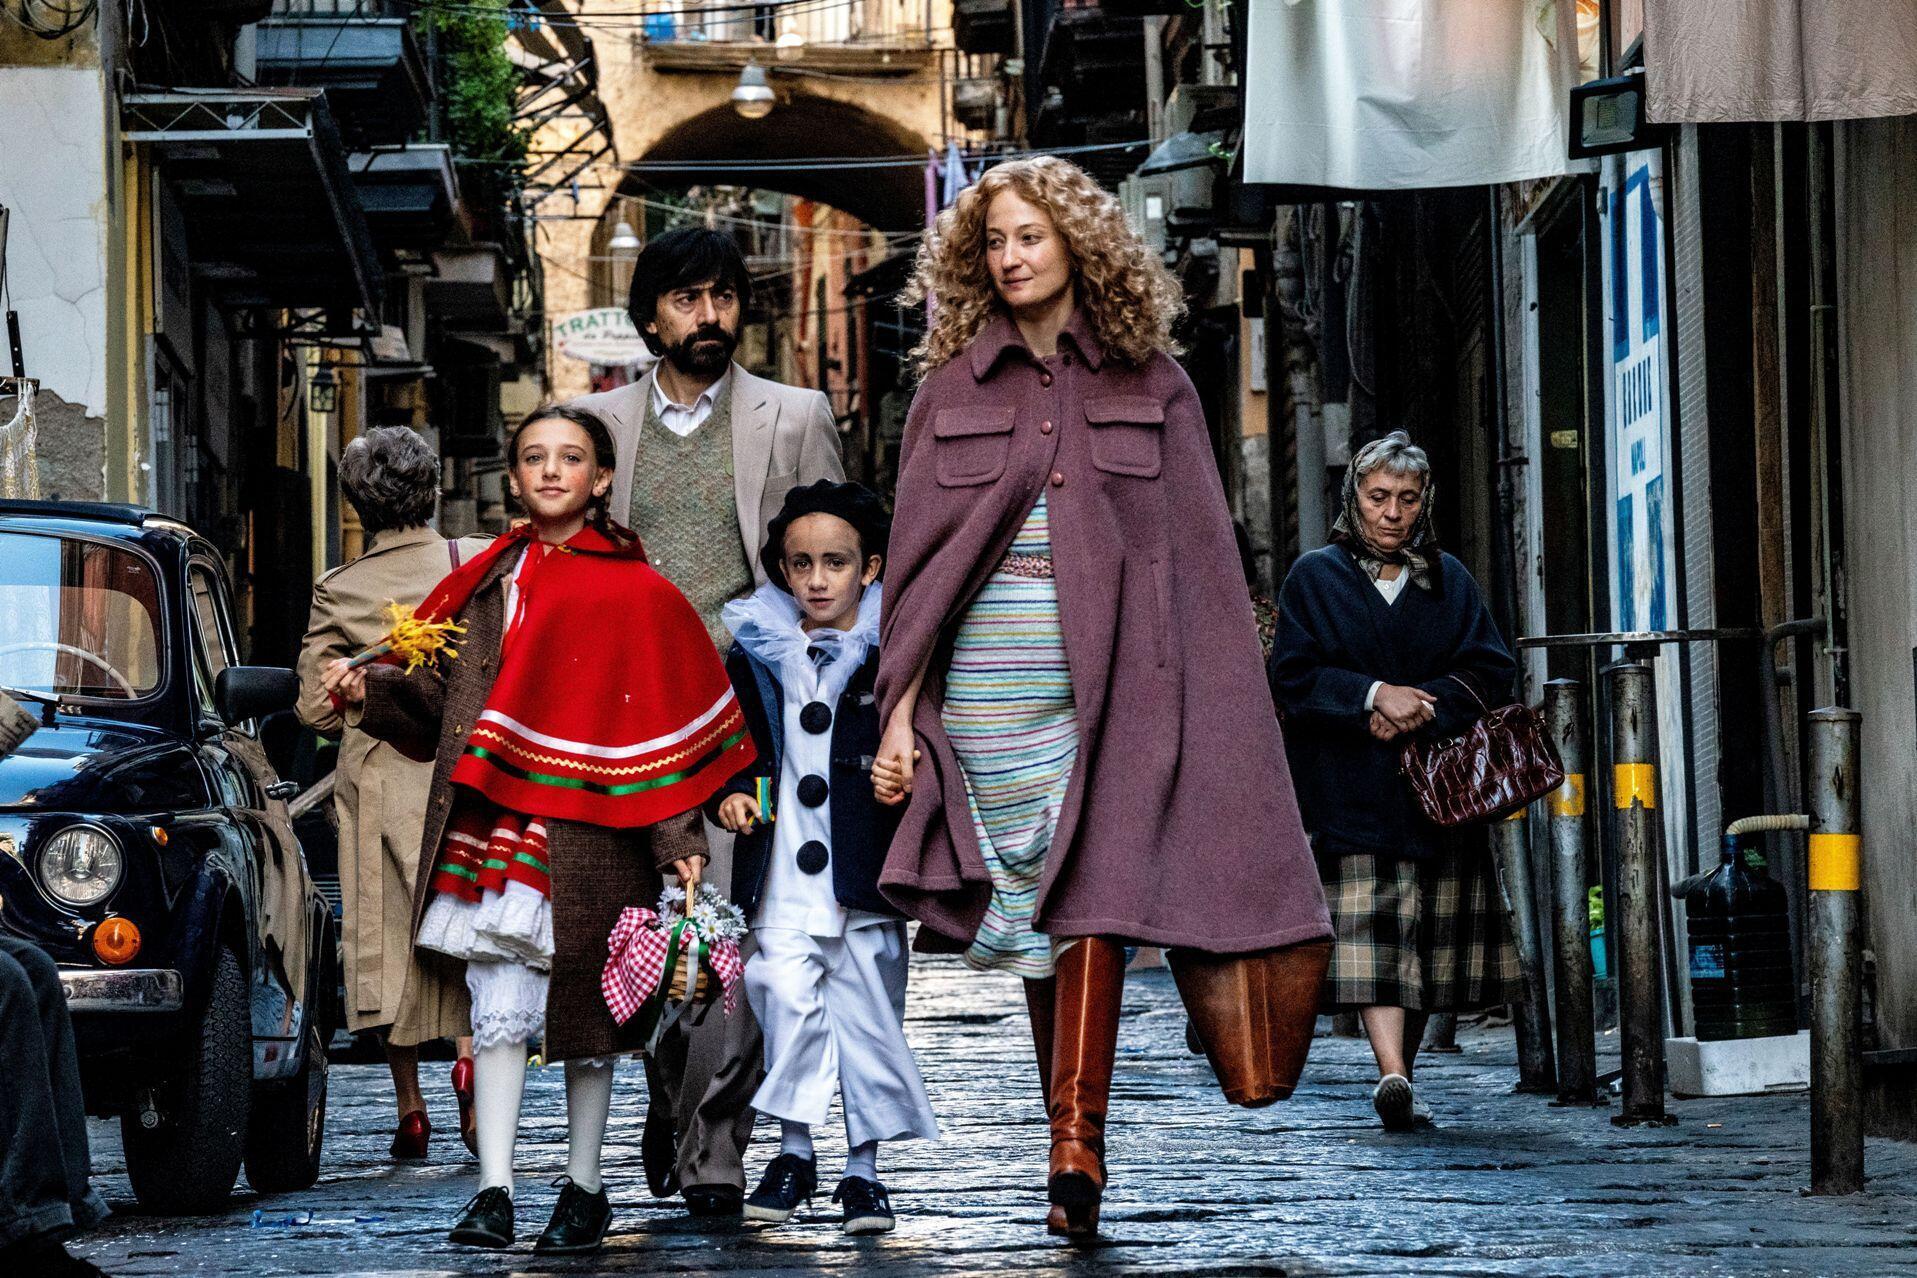 Alba Rohrwacher et Luigi Lo Cascio dans «Lacci», du cinéaste italien Daniele Luchetti, film d'ouverture de la 77e Mostra de Venise.